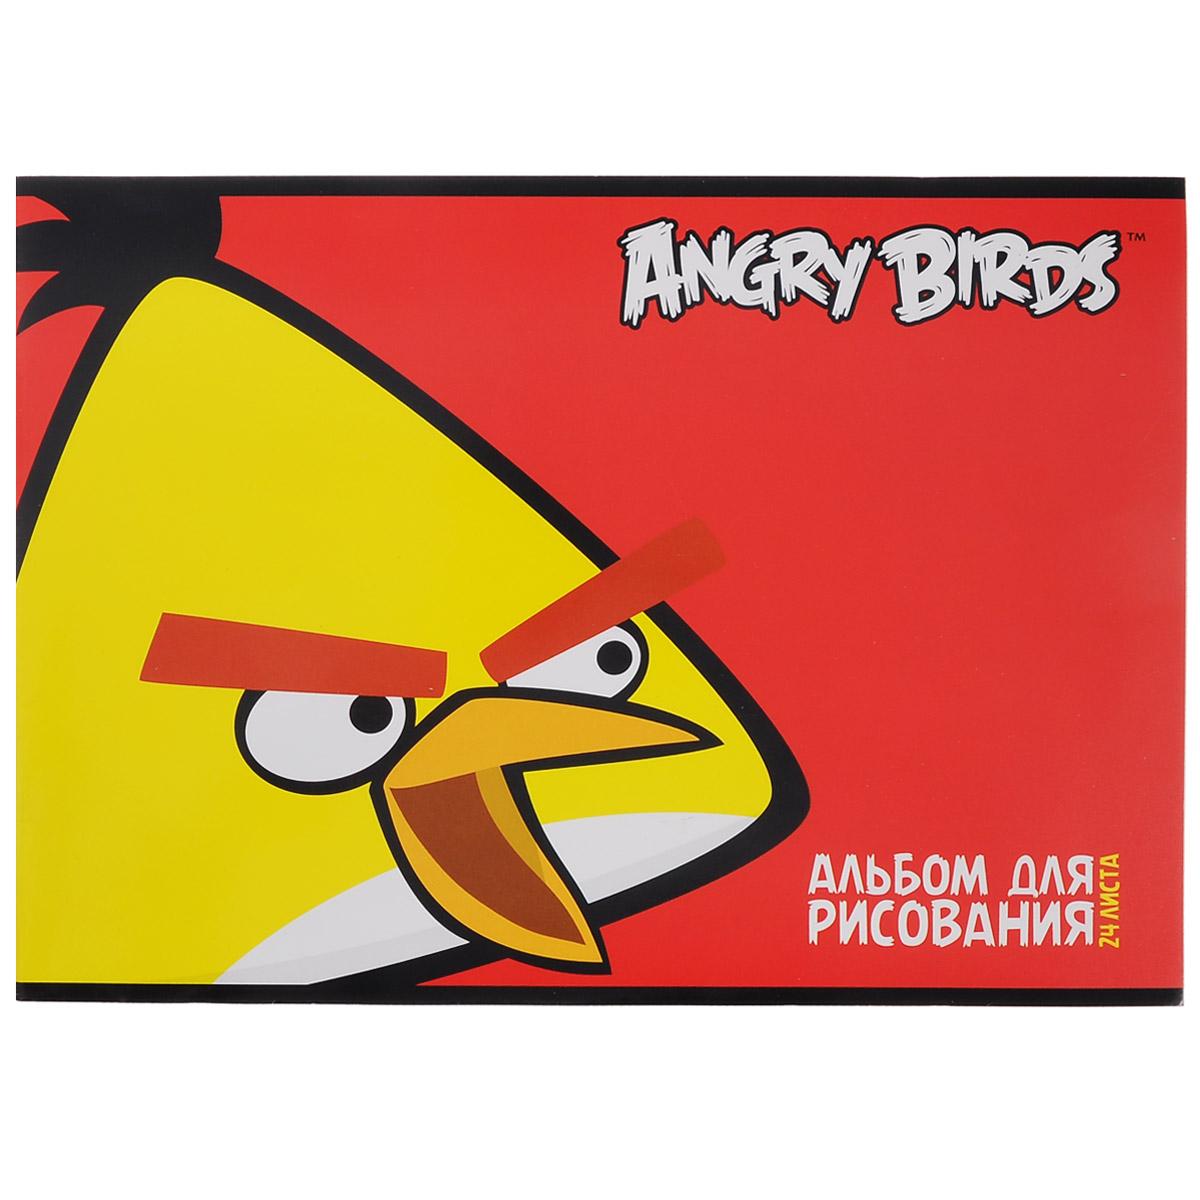 Альбом для рисования Angry Birds, 24 листа. 24А4вмB_1035272523WDАльбом для рисования Angry Birds с ярким изображением любимого мультипликационного героя на обложке будет радовать и вдохновлять юных художников на творческий процесс. Бумага альбома отличается высокой прочностью. Обложка выполнена из мелованного картона. Крепление - скрепки. Рисование позволяет развивать творческие способности, кроме того, это увлекательный досуг.Рекомендуемый возраст: 6+.